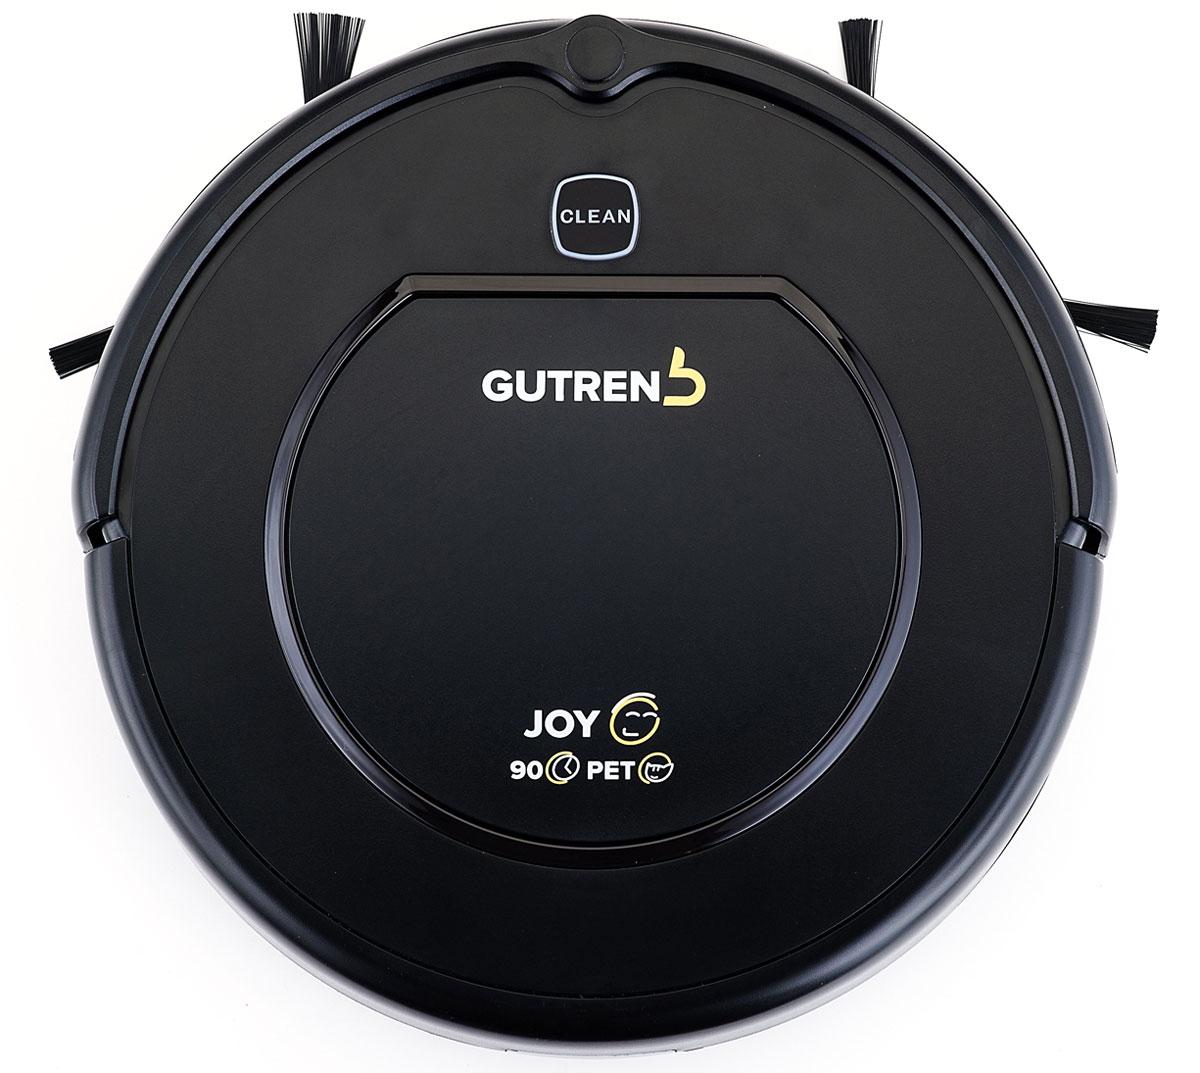 Gutrend Joy 90 робот-пылесосG90BРобот-пылесос Gutrend Joy 90 помогает устранять мусор, пыль, шерсть домашних животных и отлично убирает любые типы поверхностей: линолеум, паркет, ламинат, кафельную плитку и ковролин. Одна из ключевых особенностей данной модели – это максимальная простота в использовании. Вам не придется подолгу разбираться в настройках и принципах работы – все управление сводится к нажатию одной кнопки. Остальное робот сделает сам. Пылесос оснащен целым комплексом полезных функций: Обнаружение препятствий – 10 пар датчиков, расположенные на переднем бампере устройства, позволят обнаружить преграды на пути робота-пылесоса и избежать столкновения за несколько миллиметров до препятствия. Предотвращение падения с высоты – 3 пары датчиков, расположенные на передней и боковых плоскостях дна робота-пылесоса, позволят обнаружить перепад высоты и предотвратить падение устройства. Уборка по расписанию – вы можете запланировать уборку робота-пылесоса на...